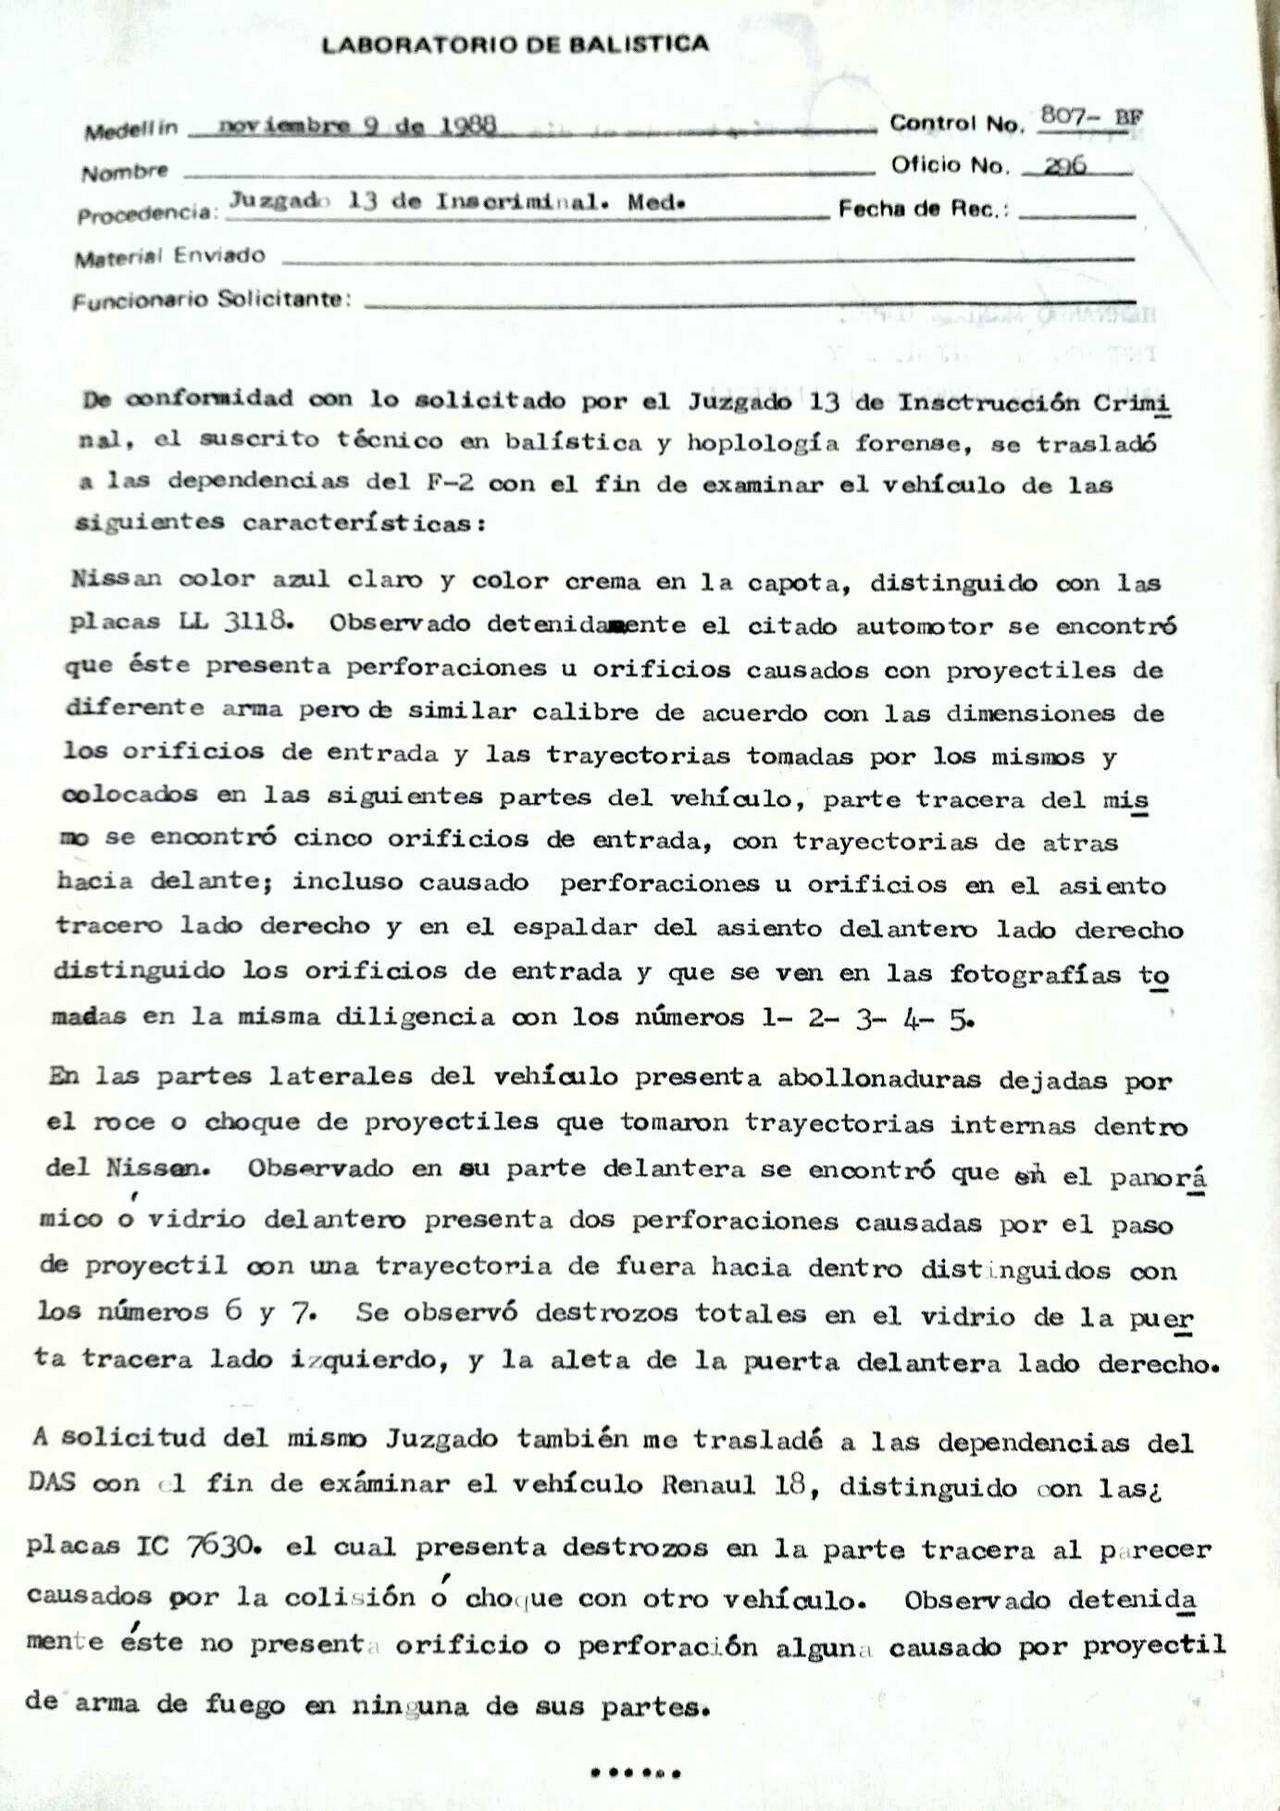 Imágenes vía El Colombiano y Proceso Judicial fotos de Laura Cardona